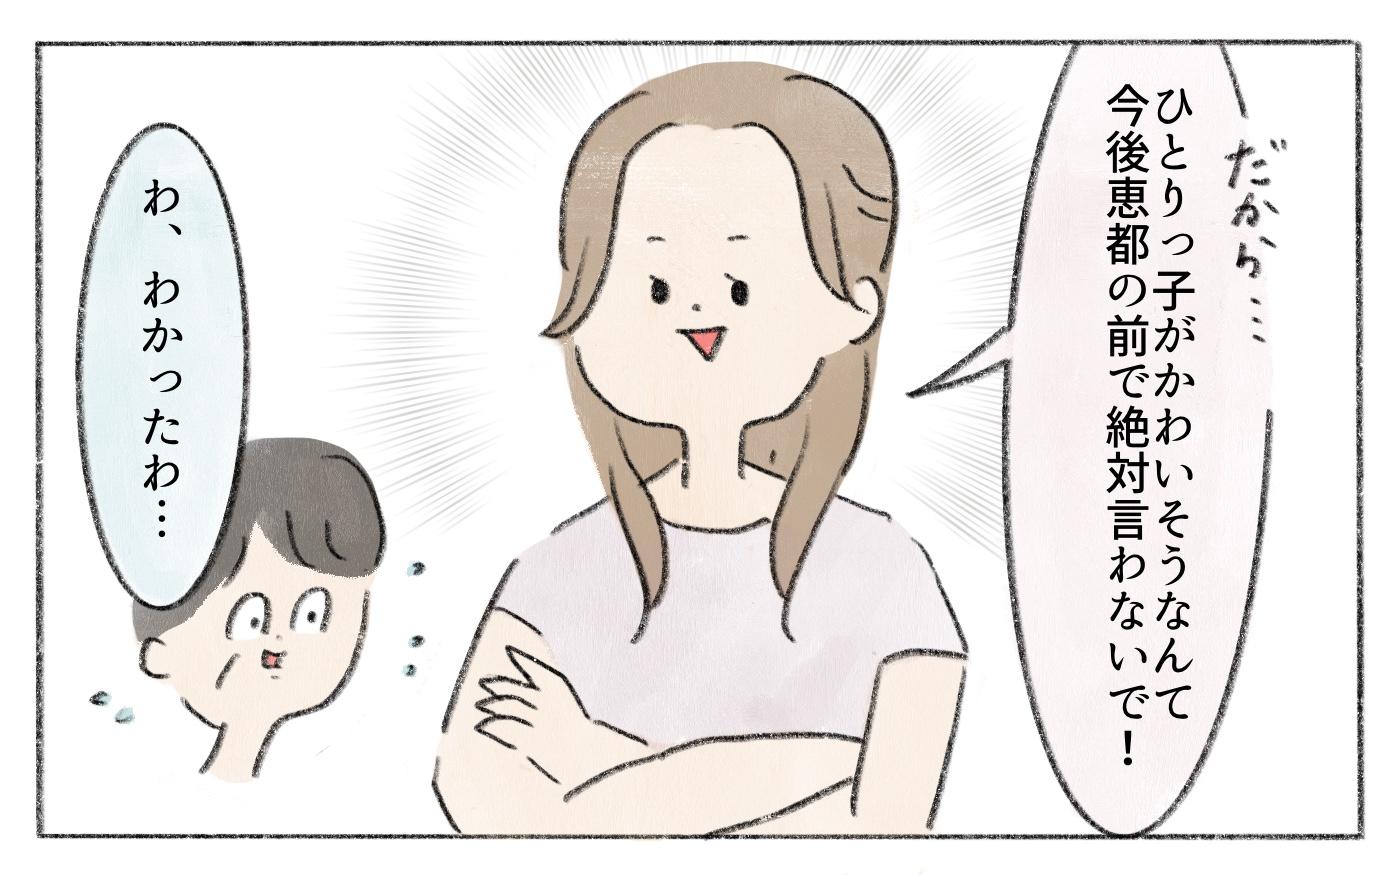 子どもの人数に正解なんてない!私が行き着いた幸せのカタチ/ひとりっ子はかわいそう?(6)